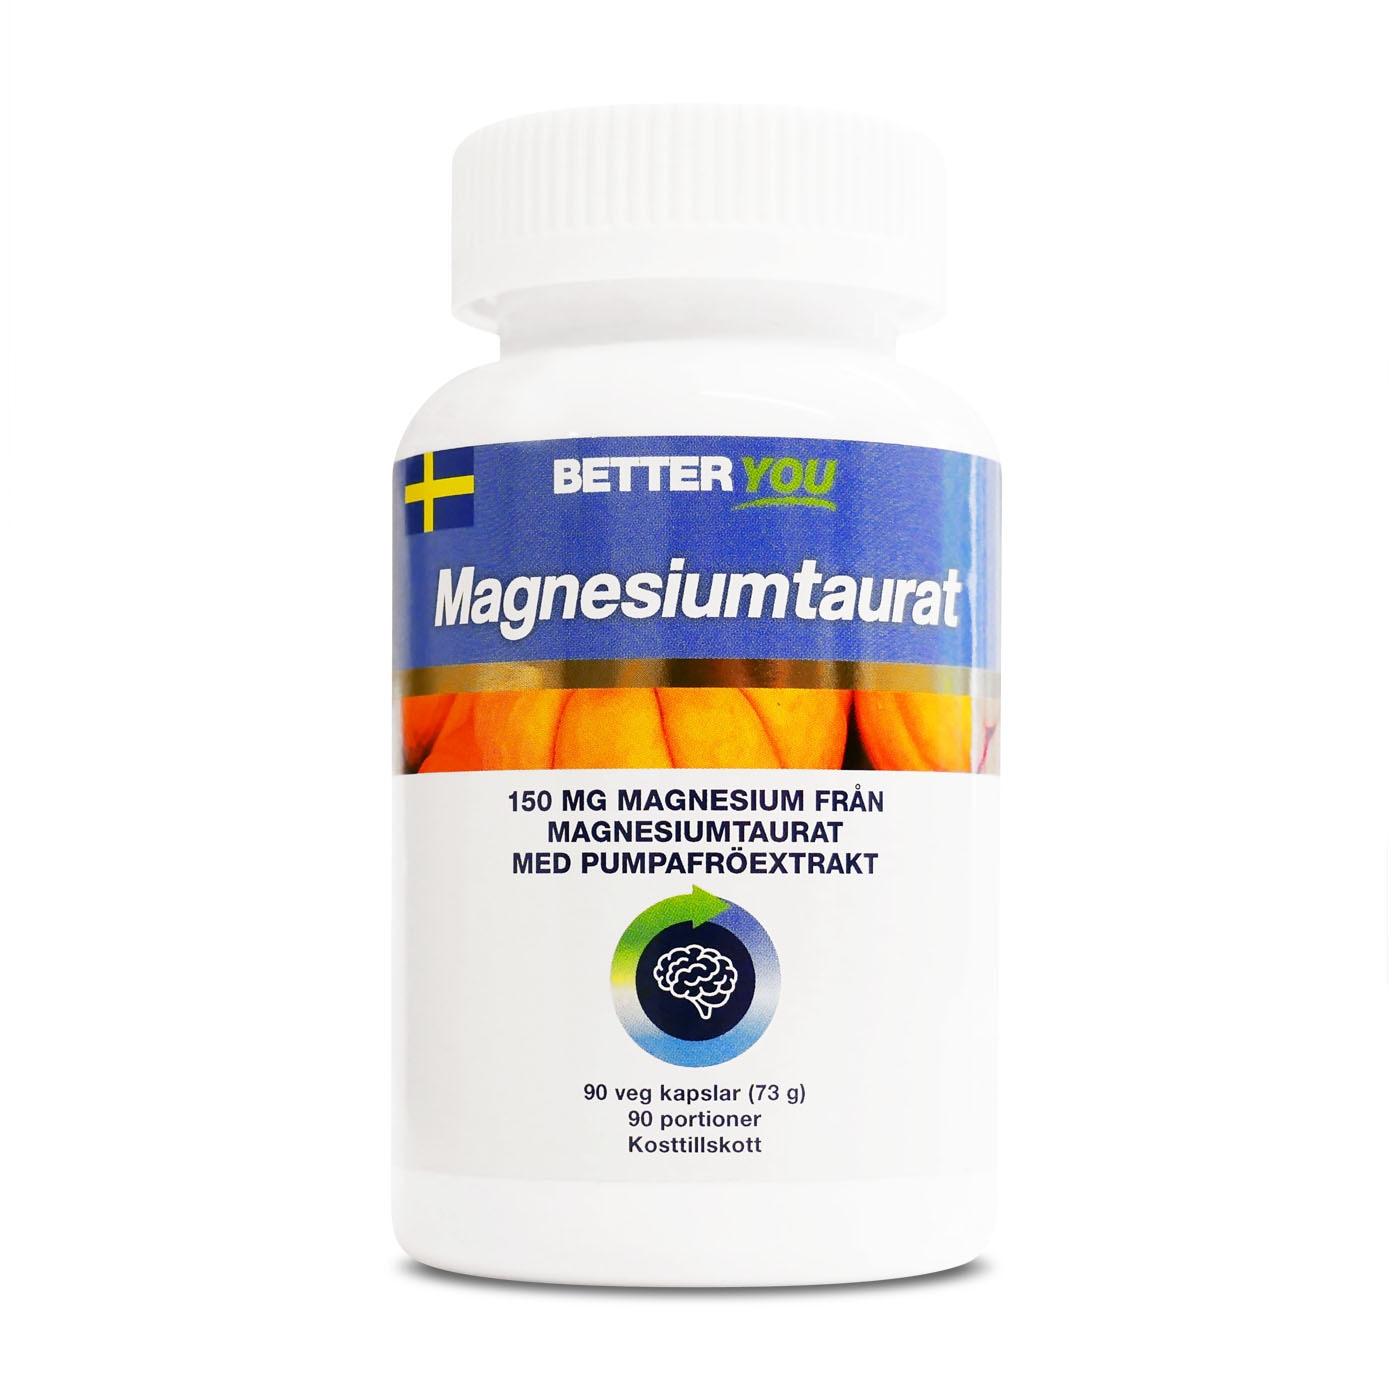 Magnesiumtaurat